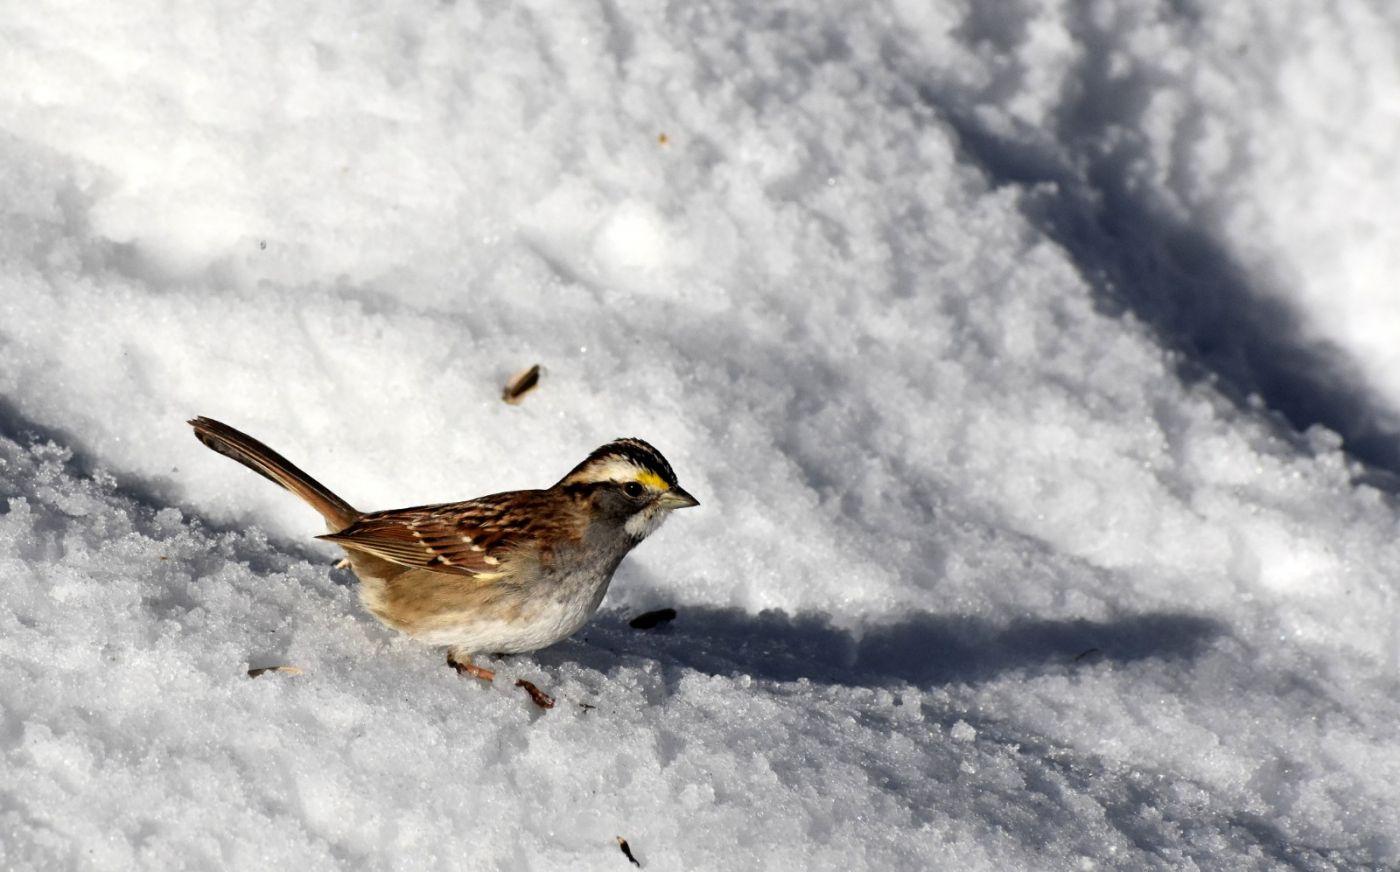 雪后鸟儿忙觅食_图1-18